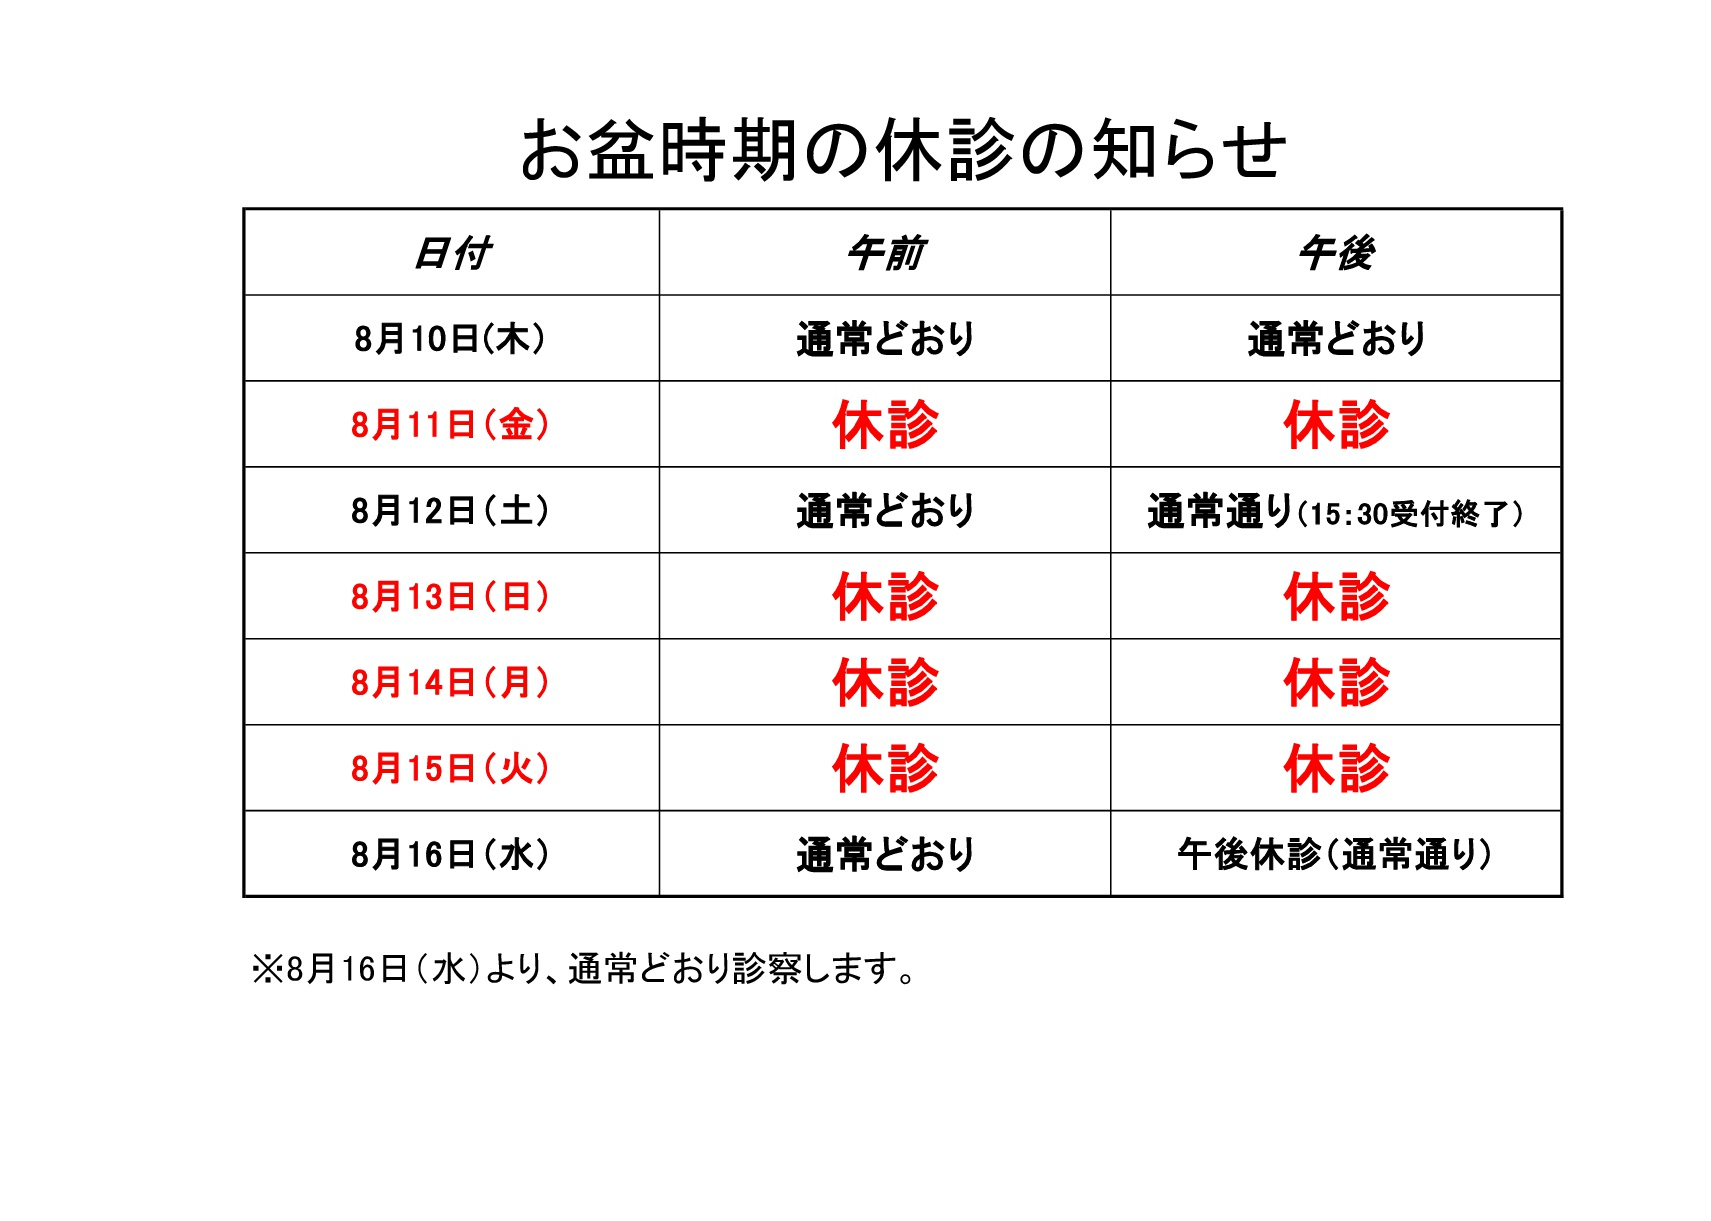 2017 お盆休みお知らせ-001